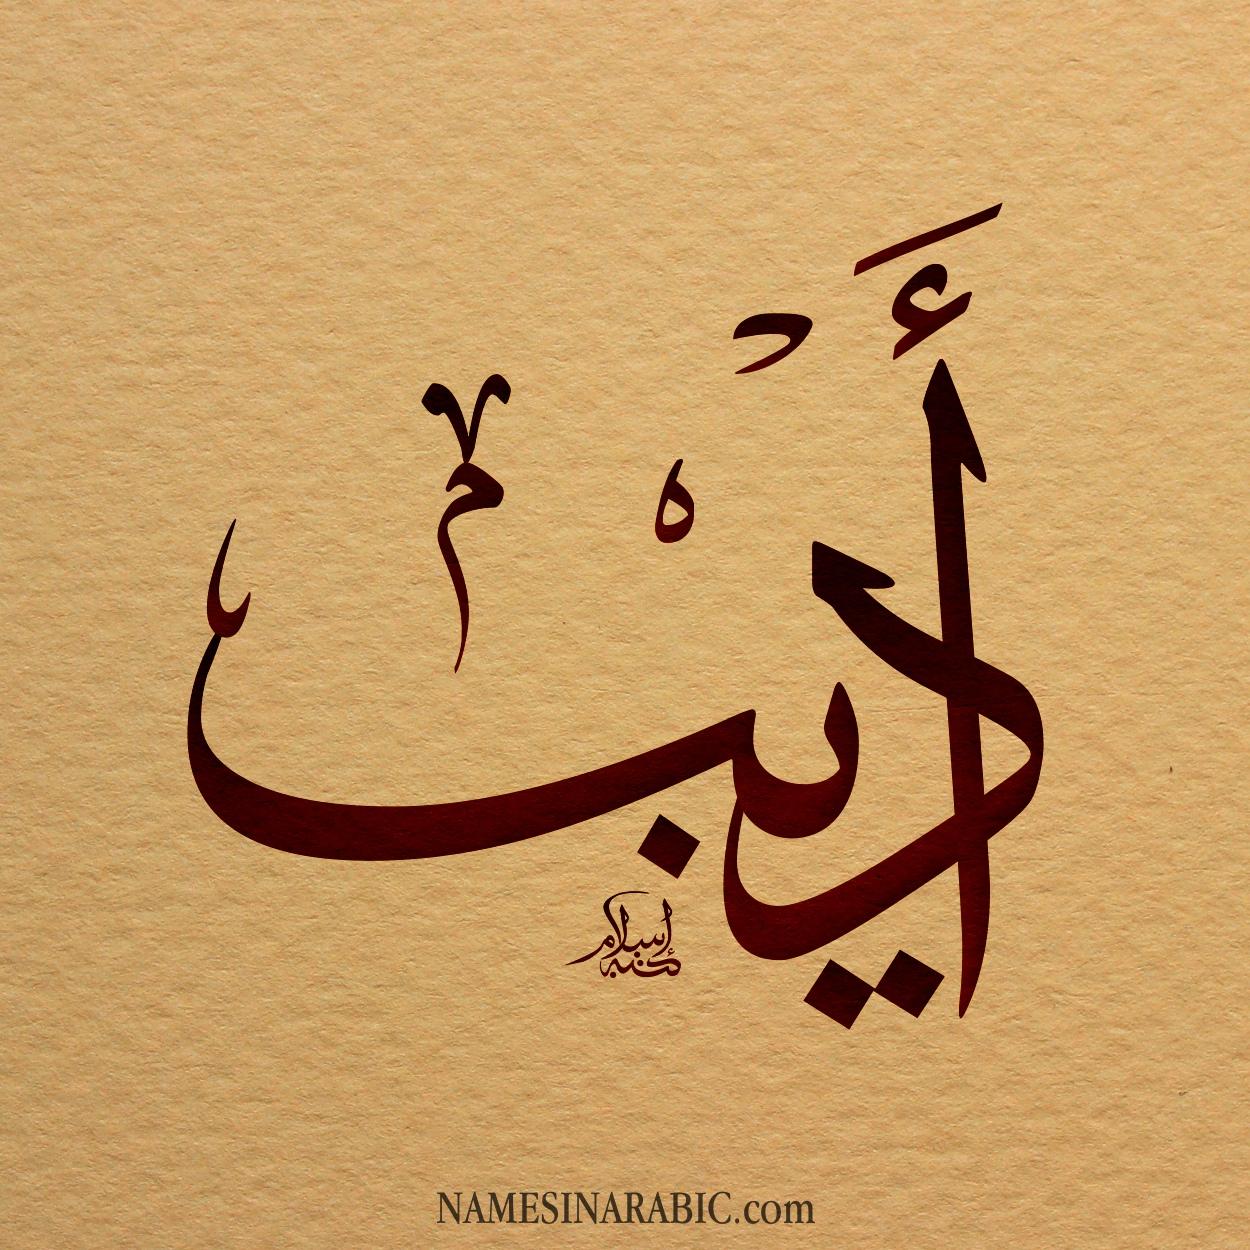 صورة اسم اديب Adib اسم اديب بالخط العربي من موقع الأسماء بالخط العربي بريشة الفنان إسلام ابن الفضل